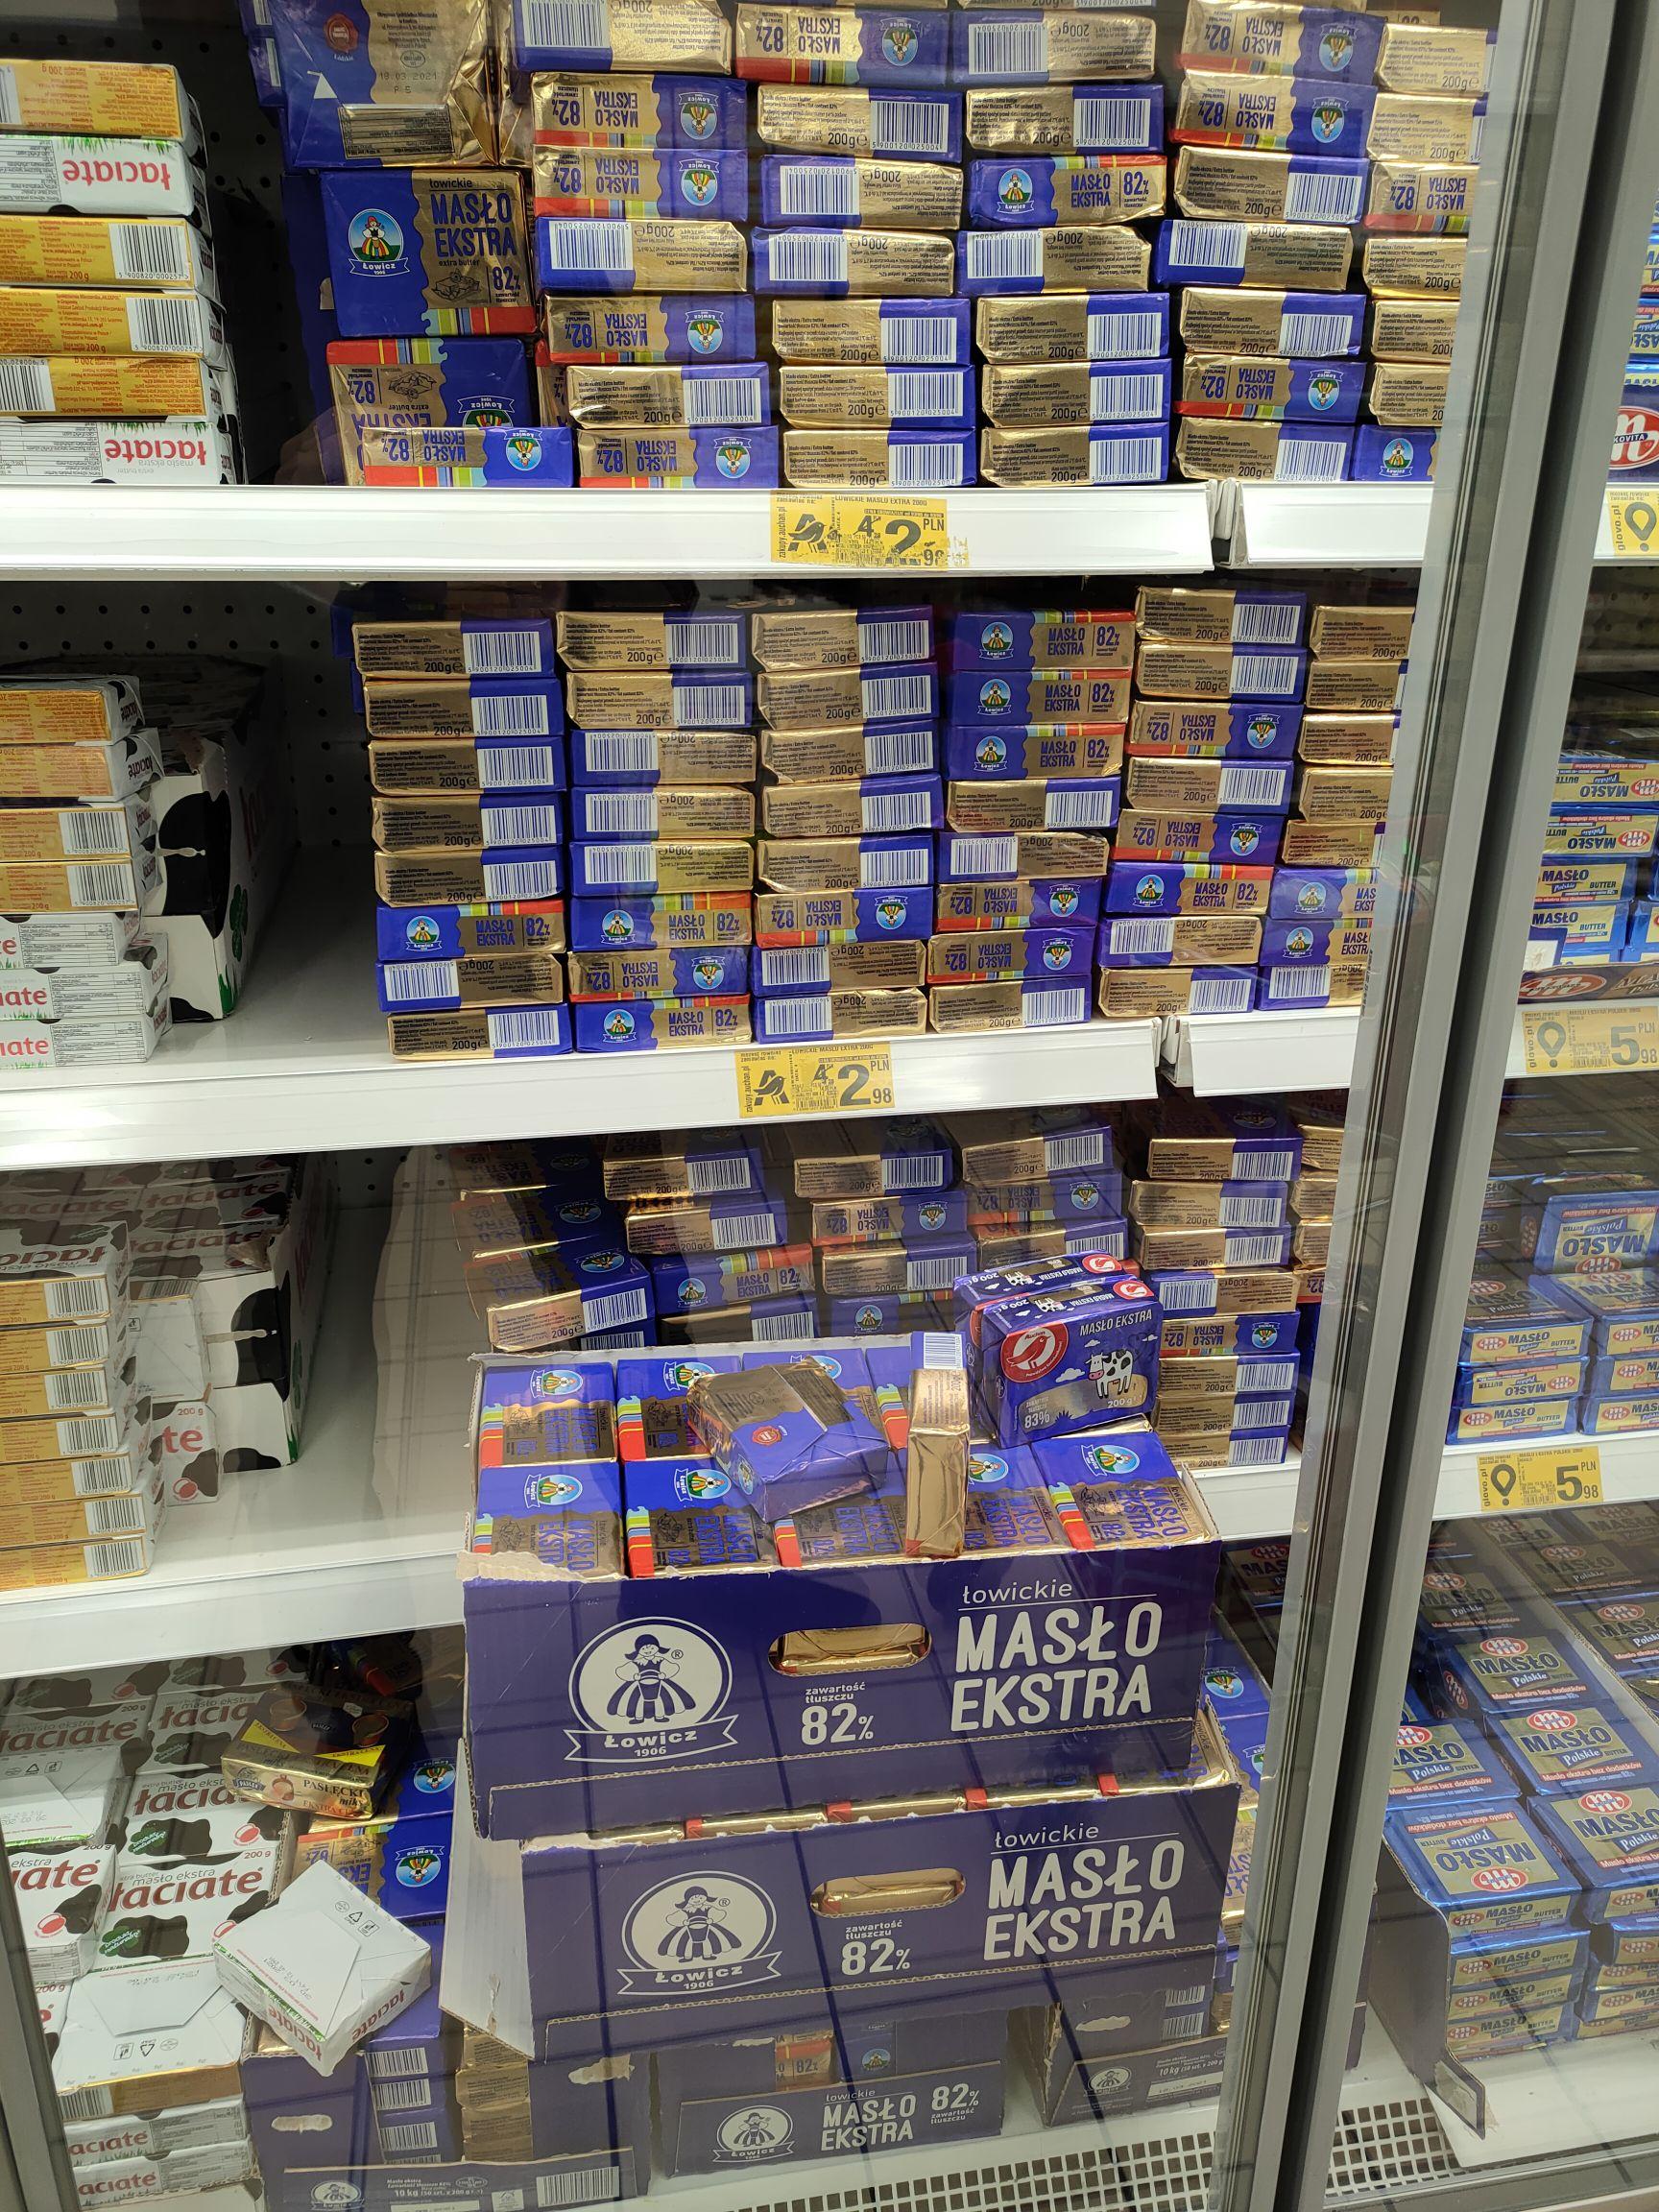 Łowickie masło ekstra za 2,98 w Auchan